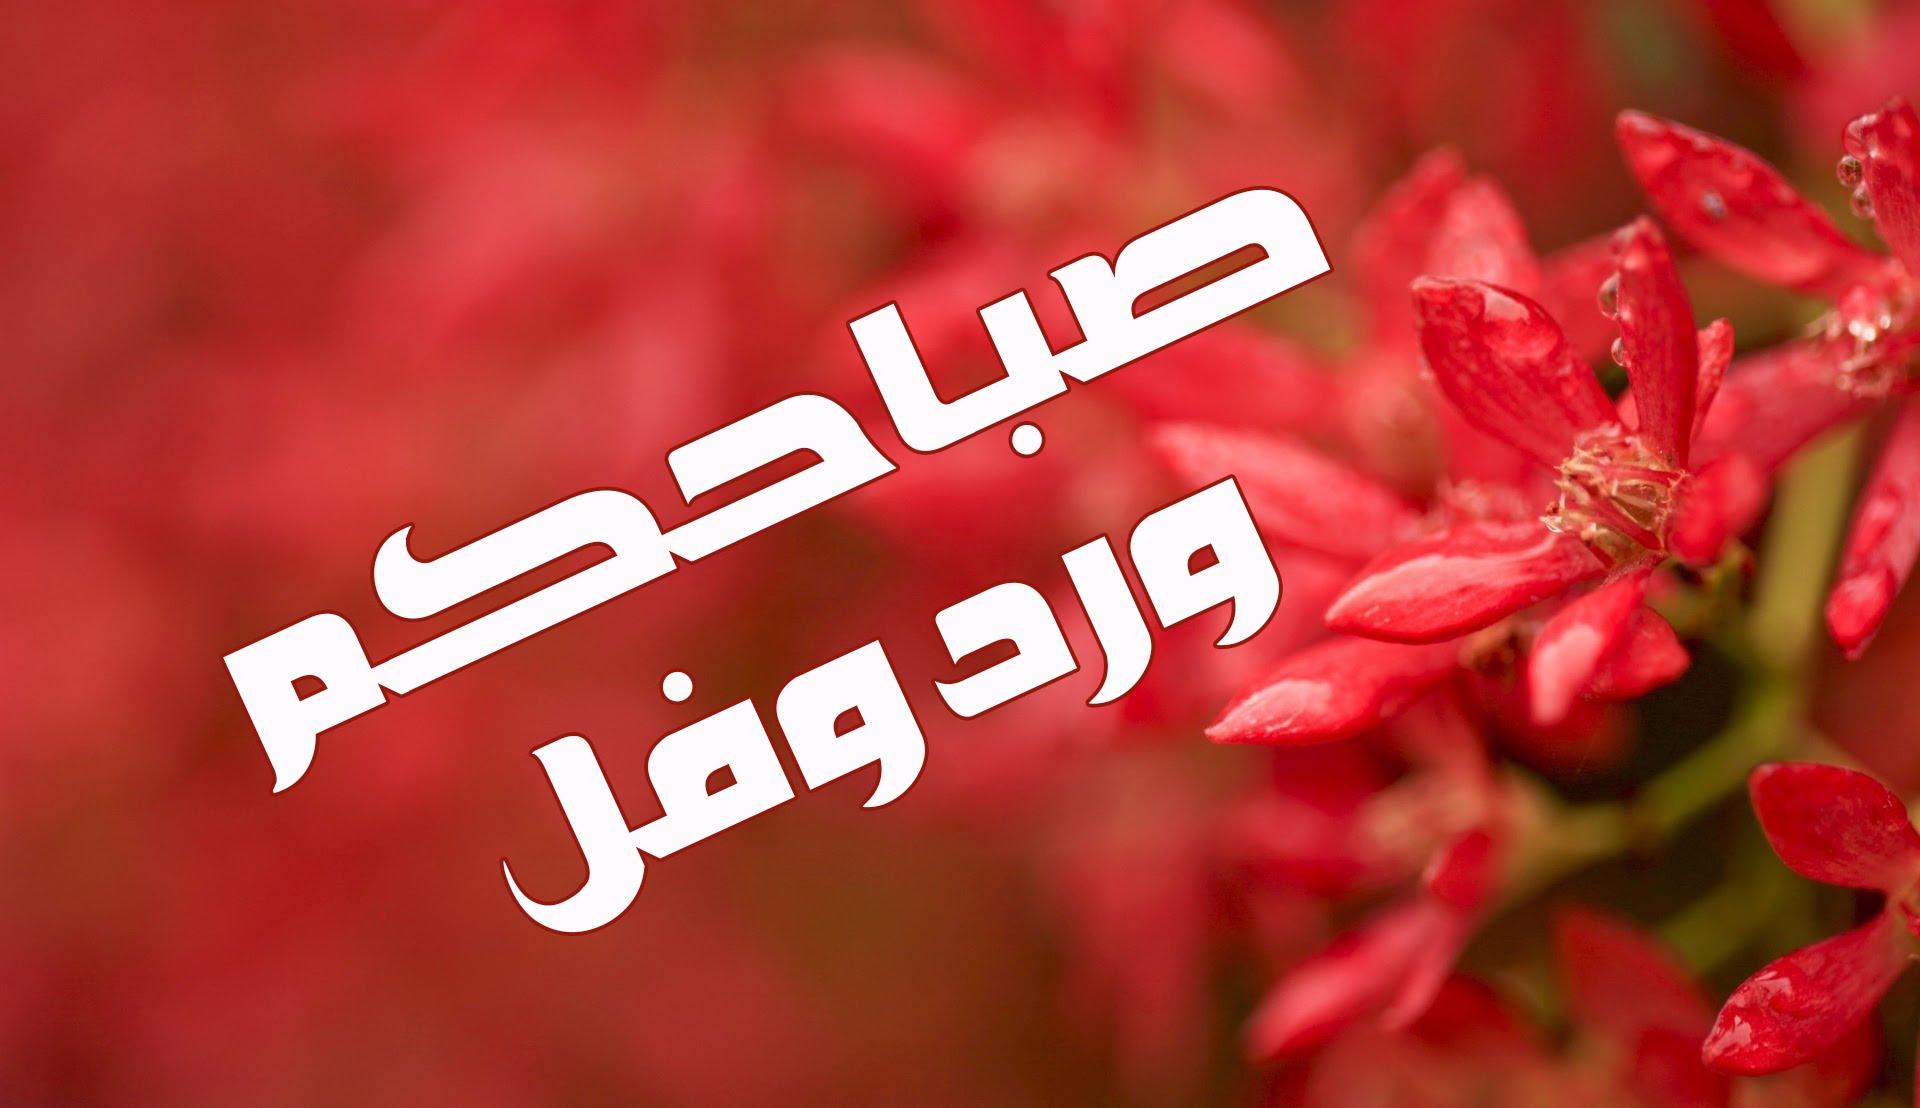 بالصور صور صباح العسل , اجمل رمزيات صباح الخير 3481 4